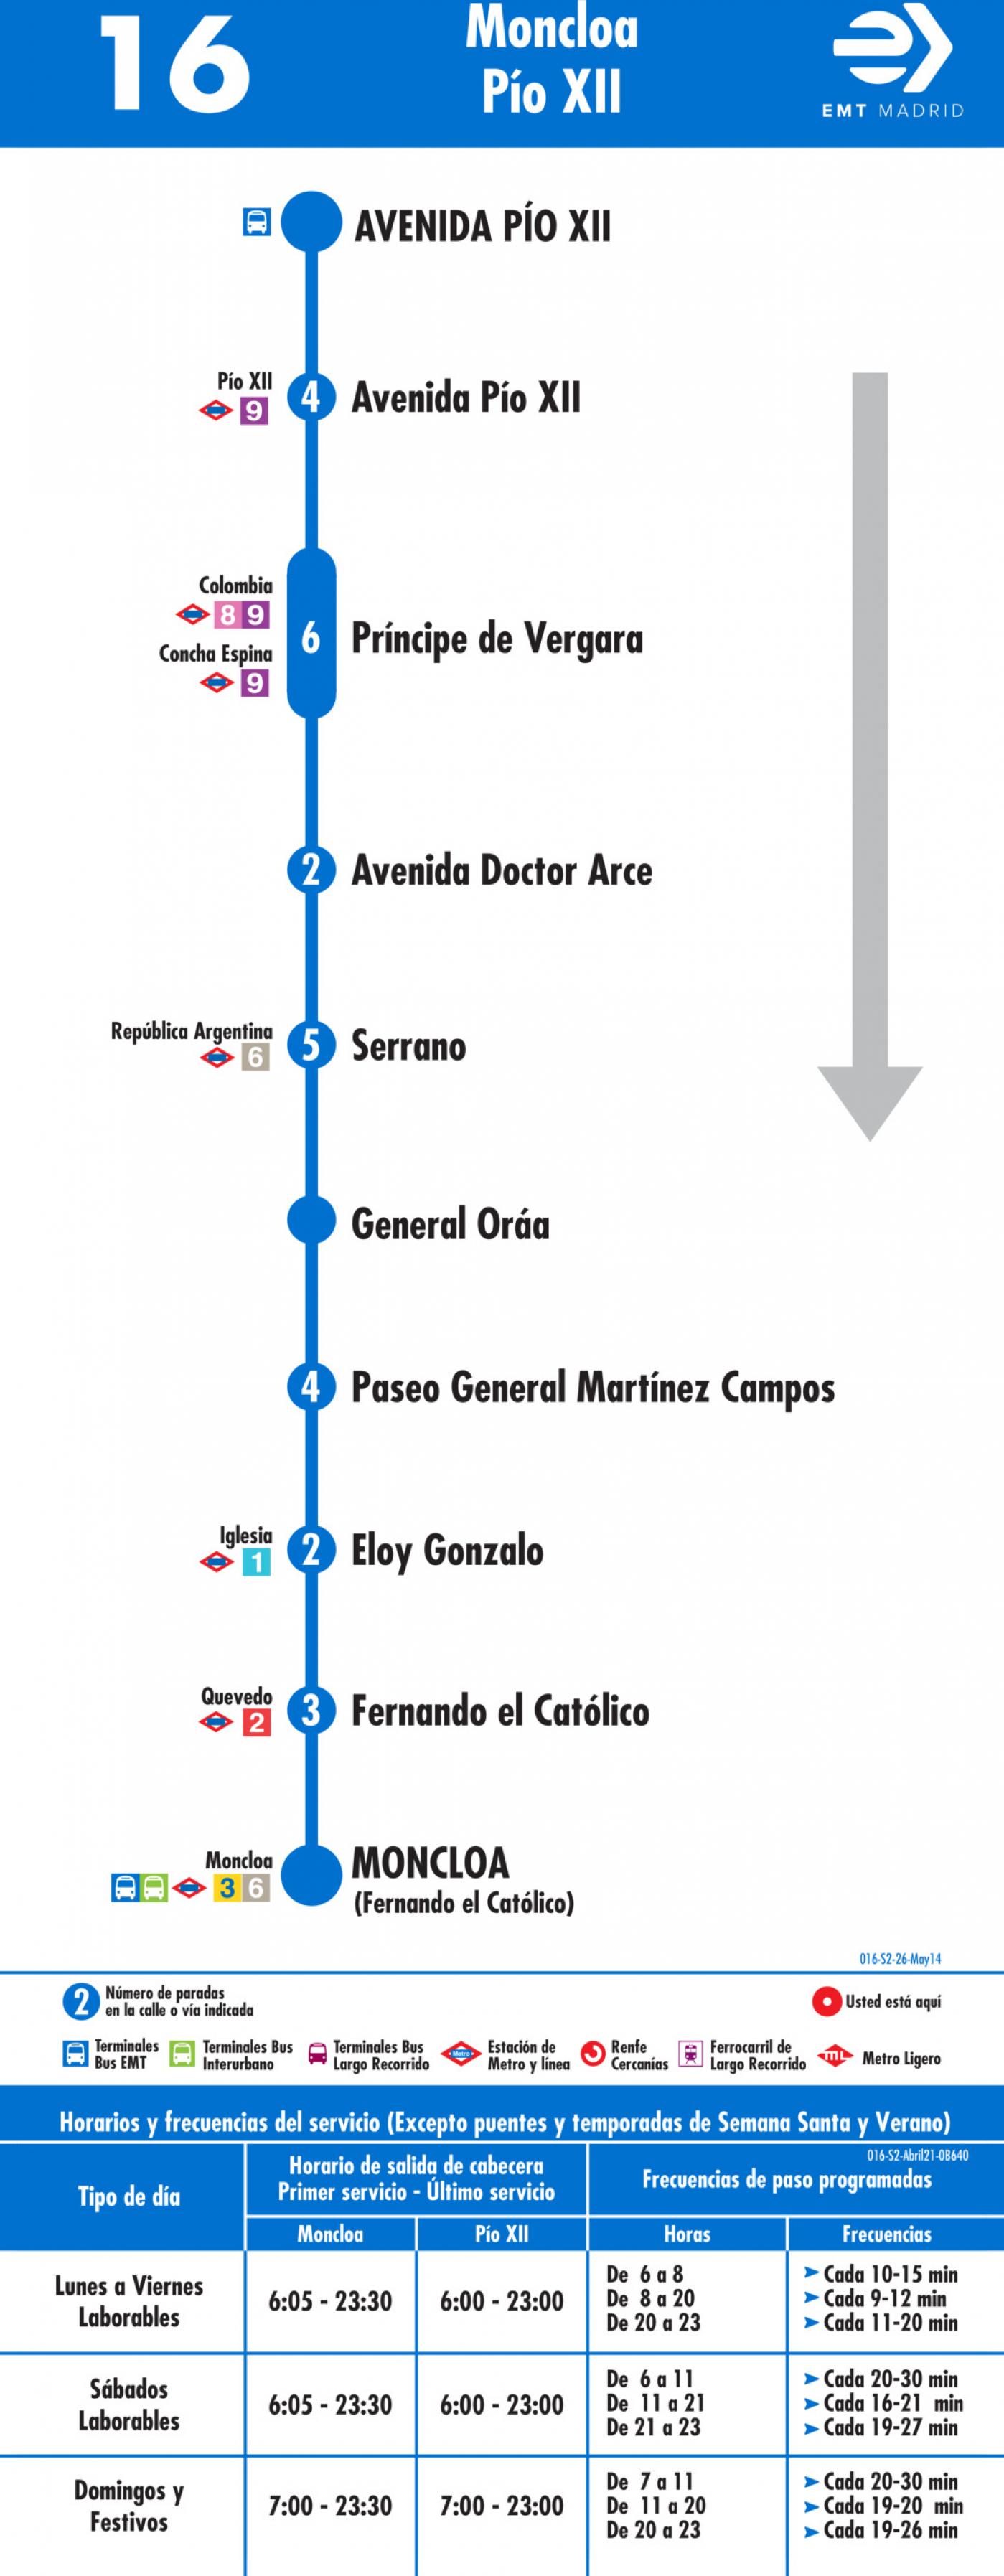 Tabla de horarios y frecuencias de paso en sentido vuelta Línea 16: Moncloa - Avenida de Pío XII